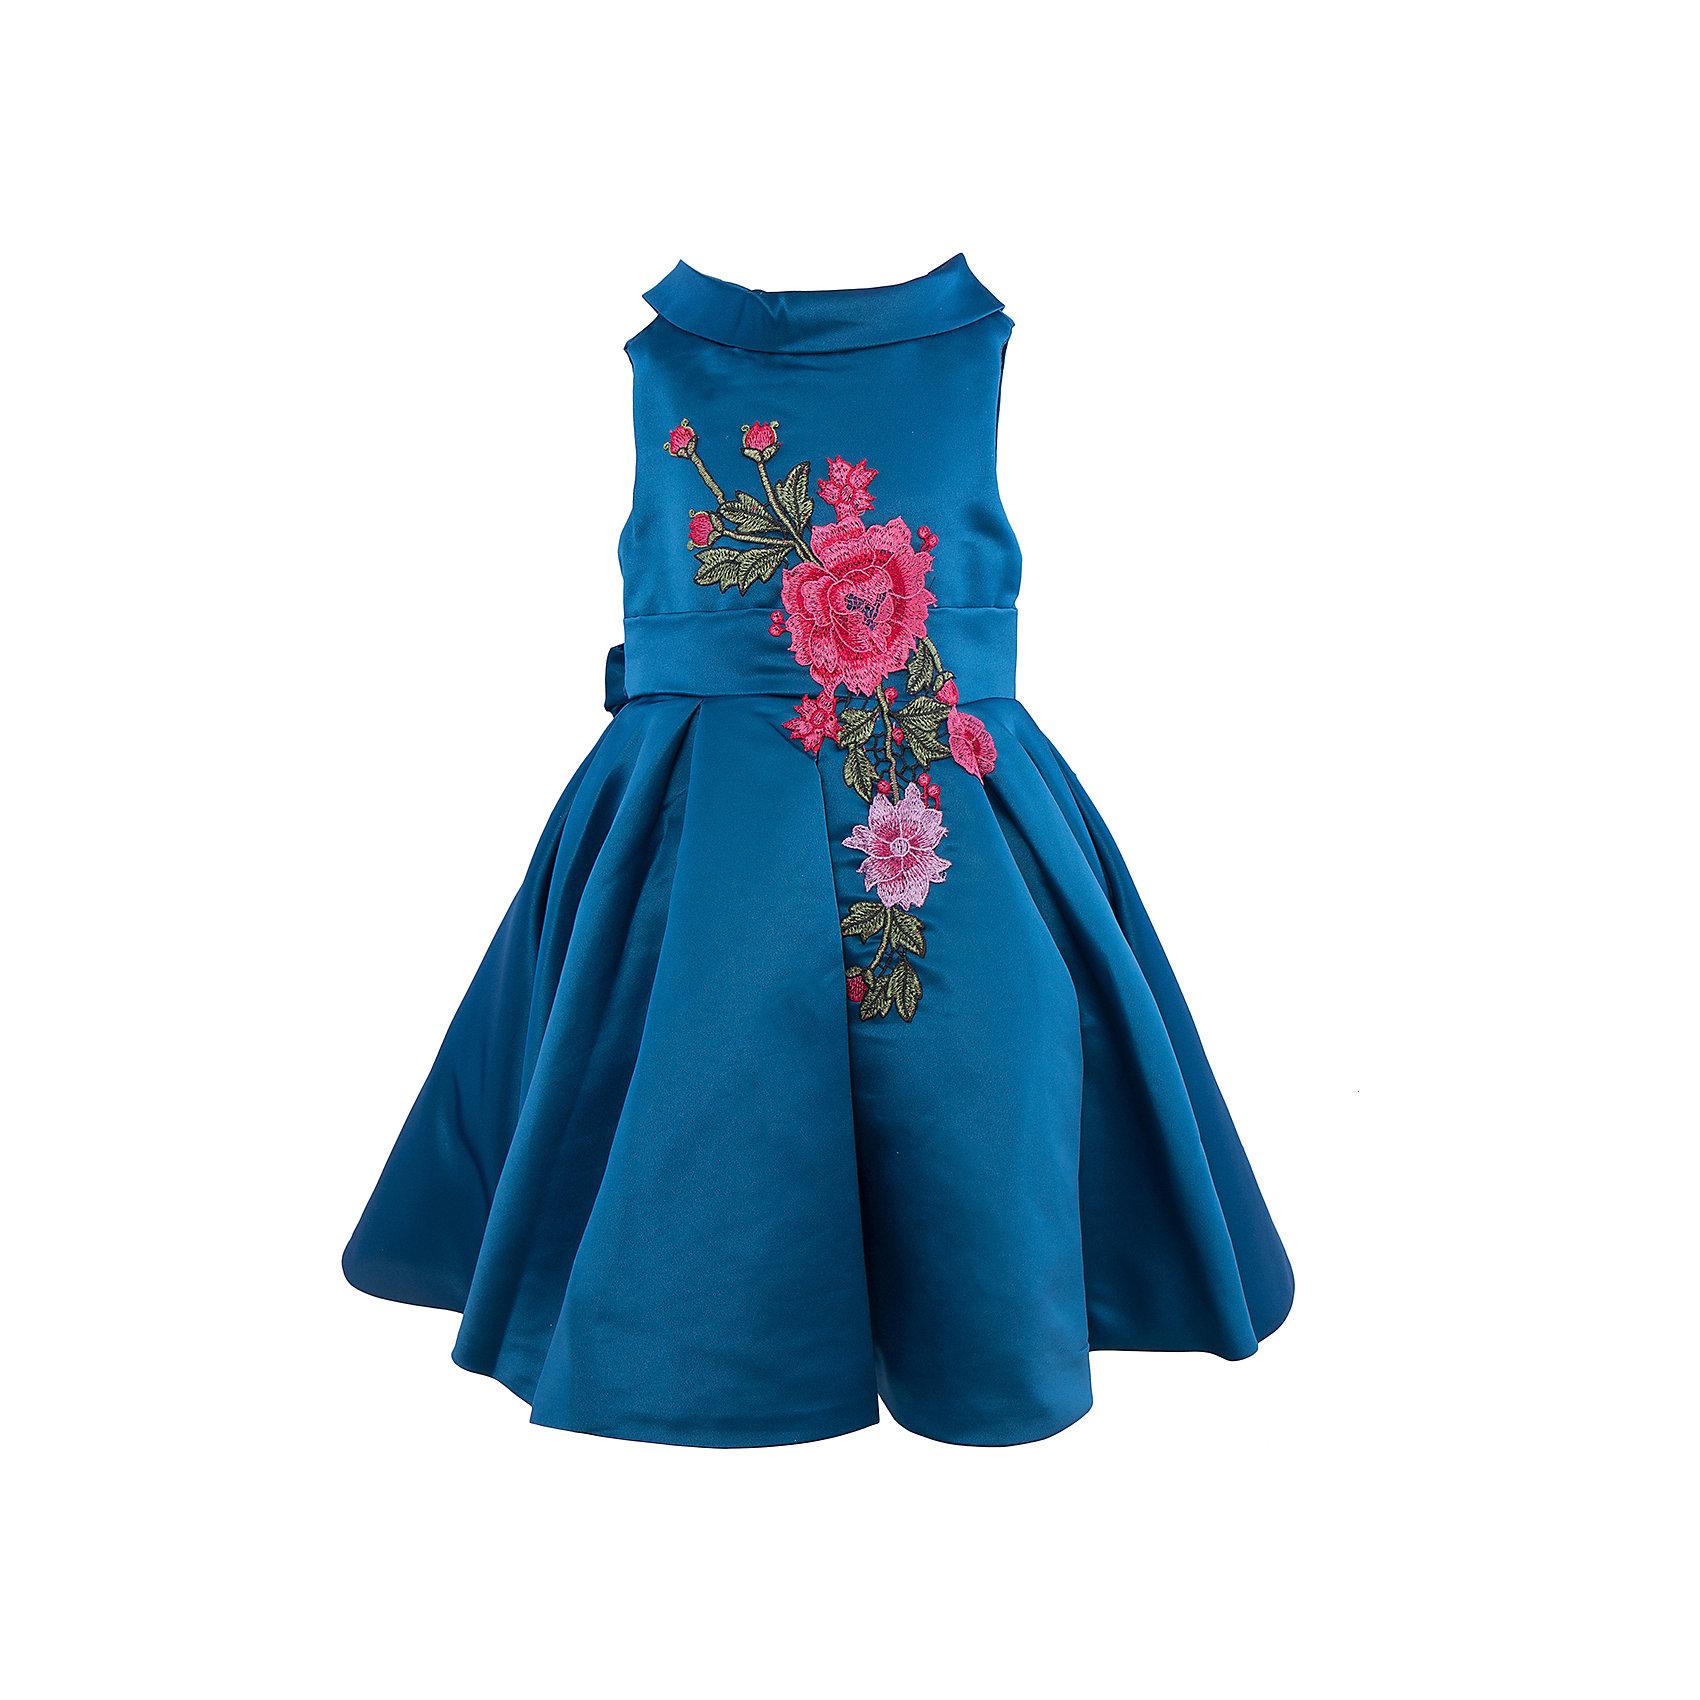 Нарядное платье для девочки Sweet BerryОдежда<br>Характеристики:<br><br>• Вид одежды: платье<br>• Предназначение: для праздника, торжеств<br>• Сезон: круглый год<br>• Материал: верх – 100% полиэстер; подкладка – 100% хлопок<br>• Цвет: сине-изумрудный<br>• Силуэт: классический А-силуэт<br>• Длина платья: миди<br>• Вырез горловины: круглый<br>• Воротник: хомут мягкий<br>• Наличие втачного пояса с декоративным бантом<br>• Застежка: молния на спинке<br>• Платье декорировано вышивкой<br>• Особенности ухода: ручная стирка без применения отбеливающих средств, глажение при низкой температуре <br><br>Sweet Berry – это производитель, который сочетает в своей одежде функциональность, качество, стиль и следование современным мировым тенденциям в детской текстильной индустрии. <br>Платье для девочки от знаменитого производителя детской одежды Sweet Berry выполнено из полиэстера с хлопковой подкладкой. Изделие имеет классический силуэт с отрезной талией и пышной юбкой. Пышность юбке придает подъюбник из сетки. Изделие выполнено из атласной ткани модного сине-изумрудного оттенка с воротником в форме мягкого хомута. Кокетка и юбка декорированы разноцветной вышивкой в форме крупных цветков. У платья имеется втачной пояс, который завязывается сзади на бант. Праздничное платье от Sweet Berry – это залог успеха вашего ребенка на любом торжестве!<br><br>Платье для девочки Sweet Berry можно купить в нашем интернет-магазине.<br><br>Ширина мм: 236<br>Глубина мм: 16<br>Высота мм: 184<br>Вес г: 177<br>Цвет: зеленый<br>Возраст от месяцев: 36<br>Возраст до месяцев: 48<br>Пол: Женский<br>Возраст: Детский<br>Размер: 104,98,110,116,122,128<br>SKU: 5052105